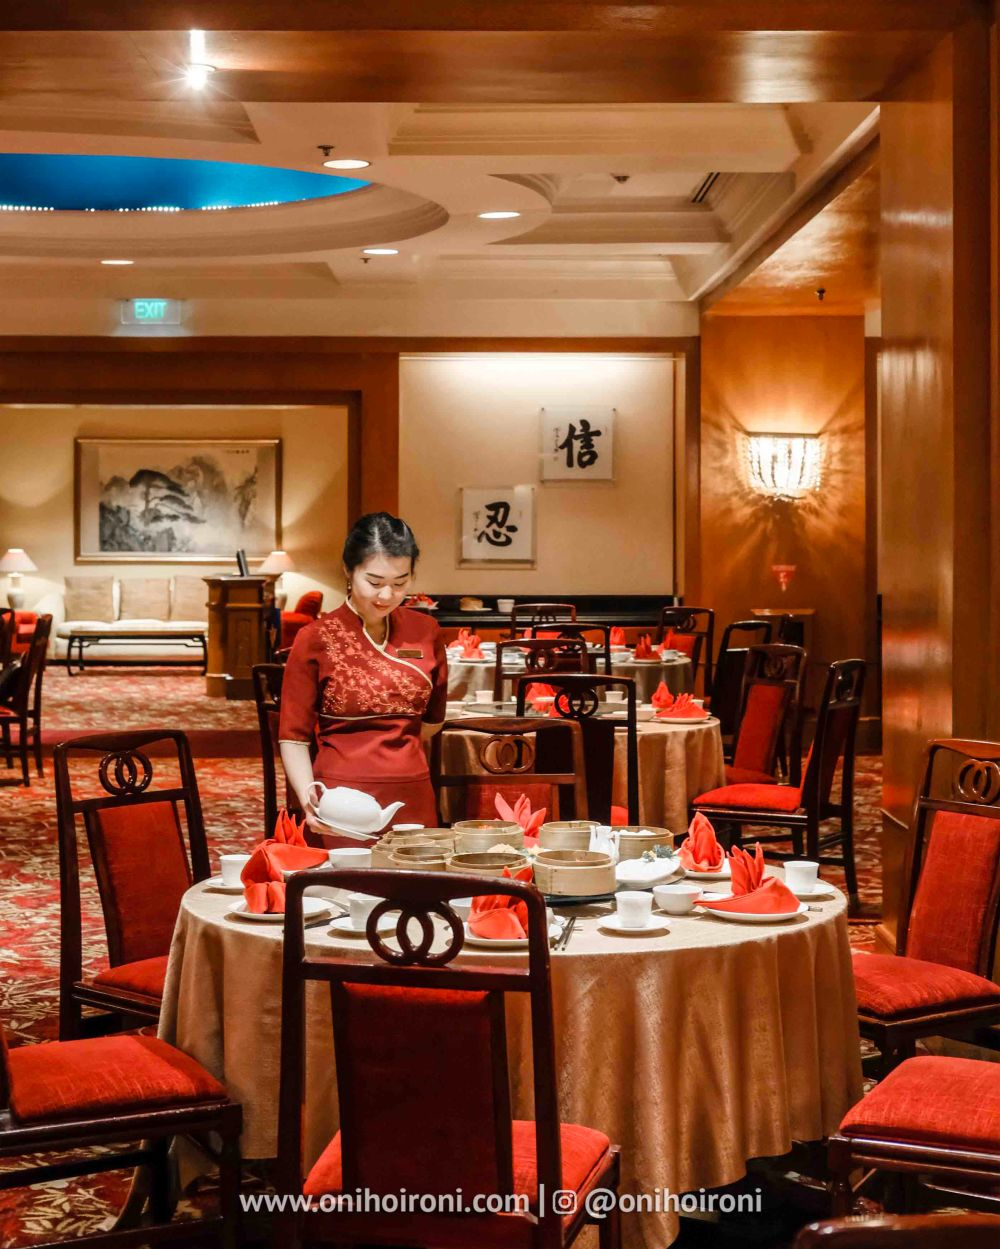 7 Review food makanan shang palace restaurant Shangrila Surabaya Hotel Oni hoironi